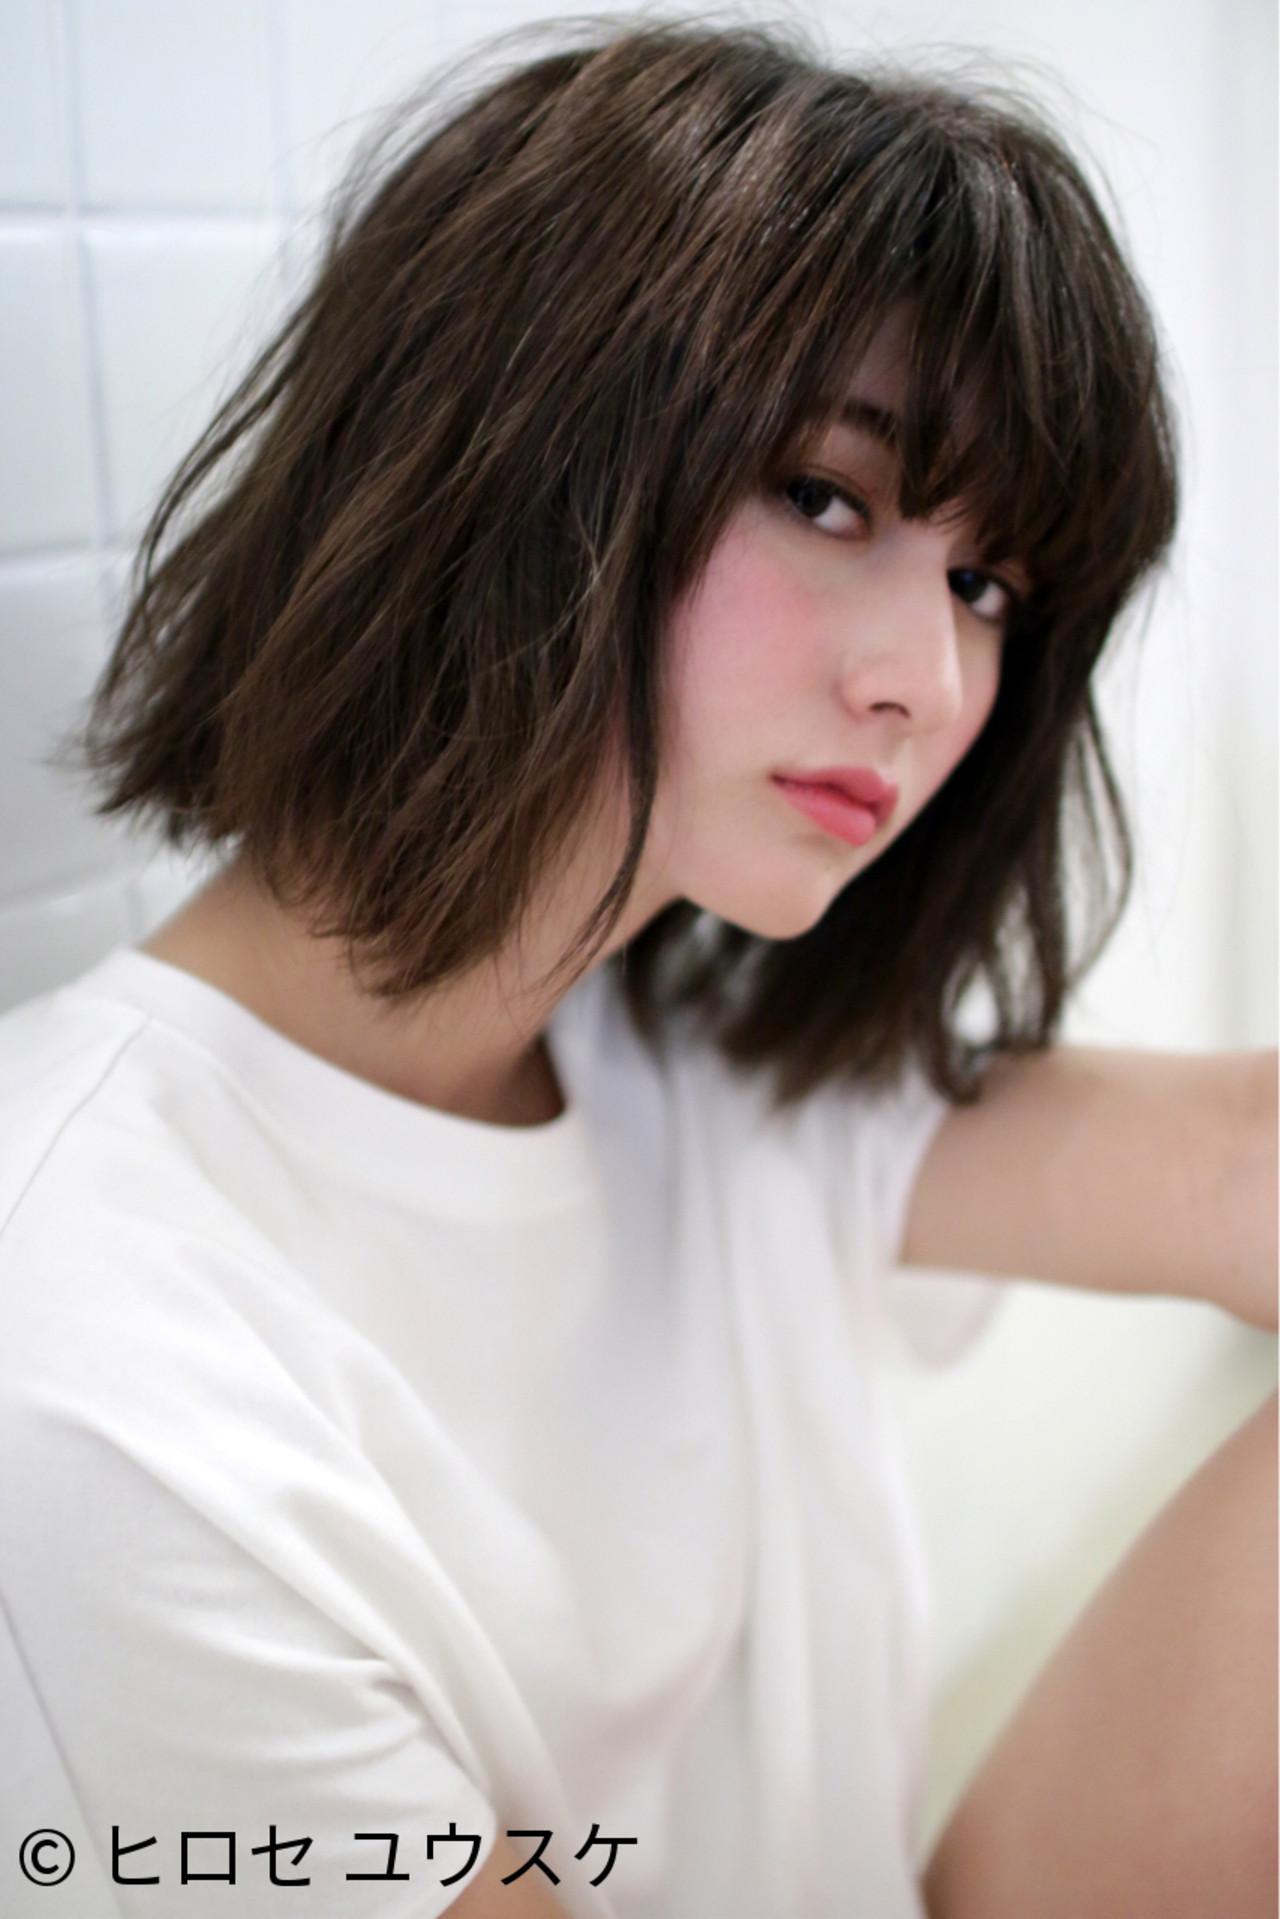 ダークカラーならこの髪型!暗髪を活かす大人かわいいヘア【ボブ